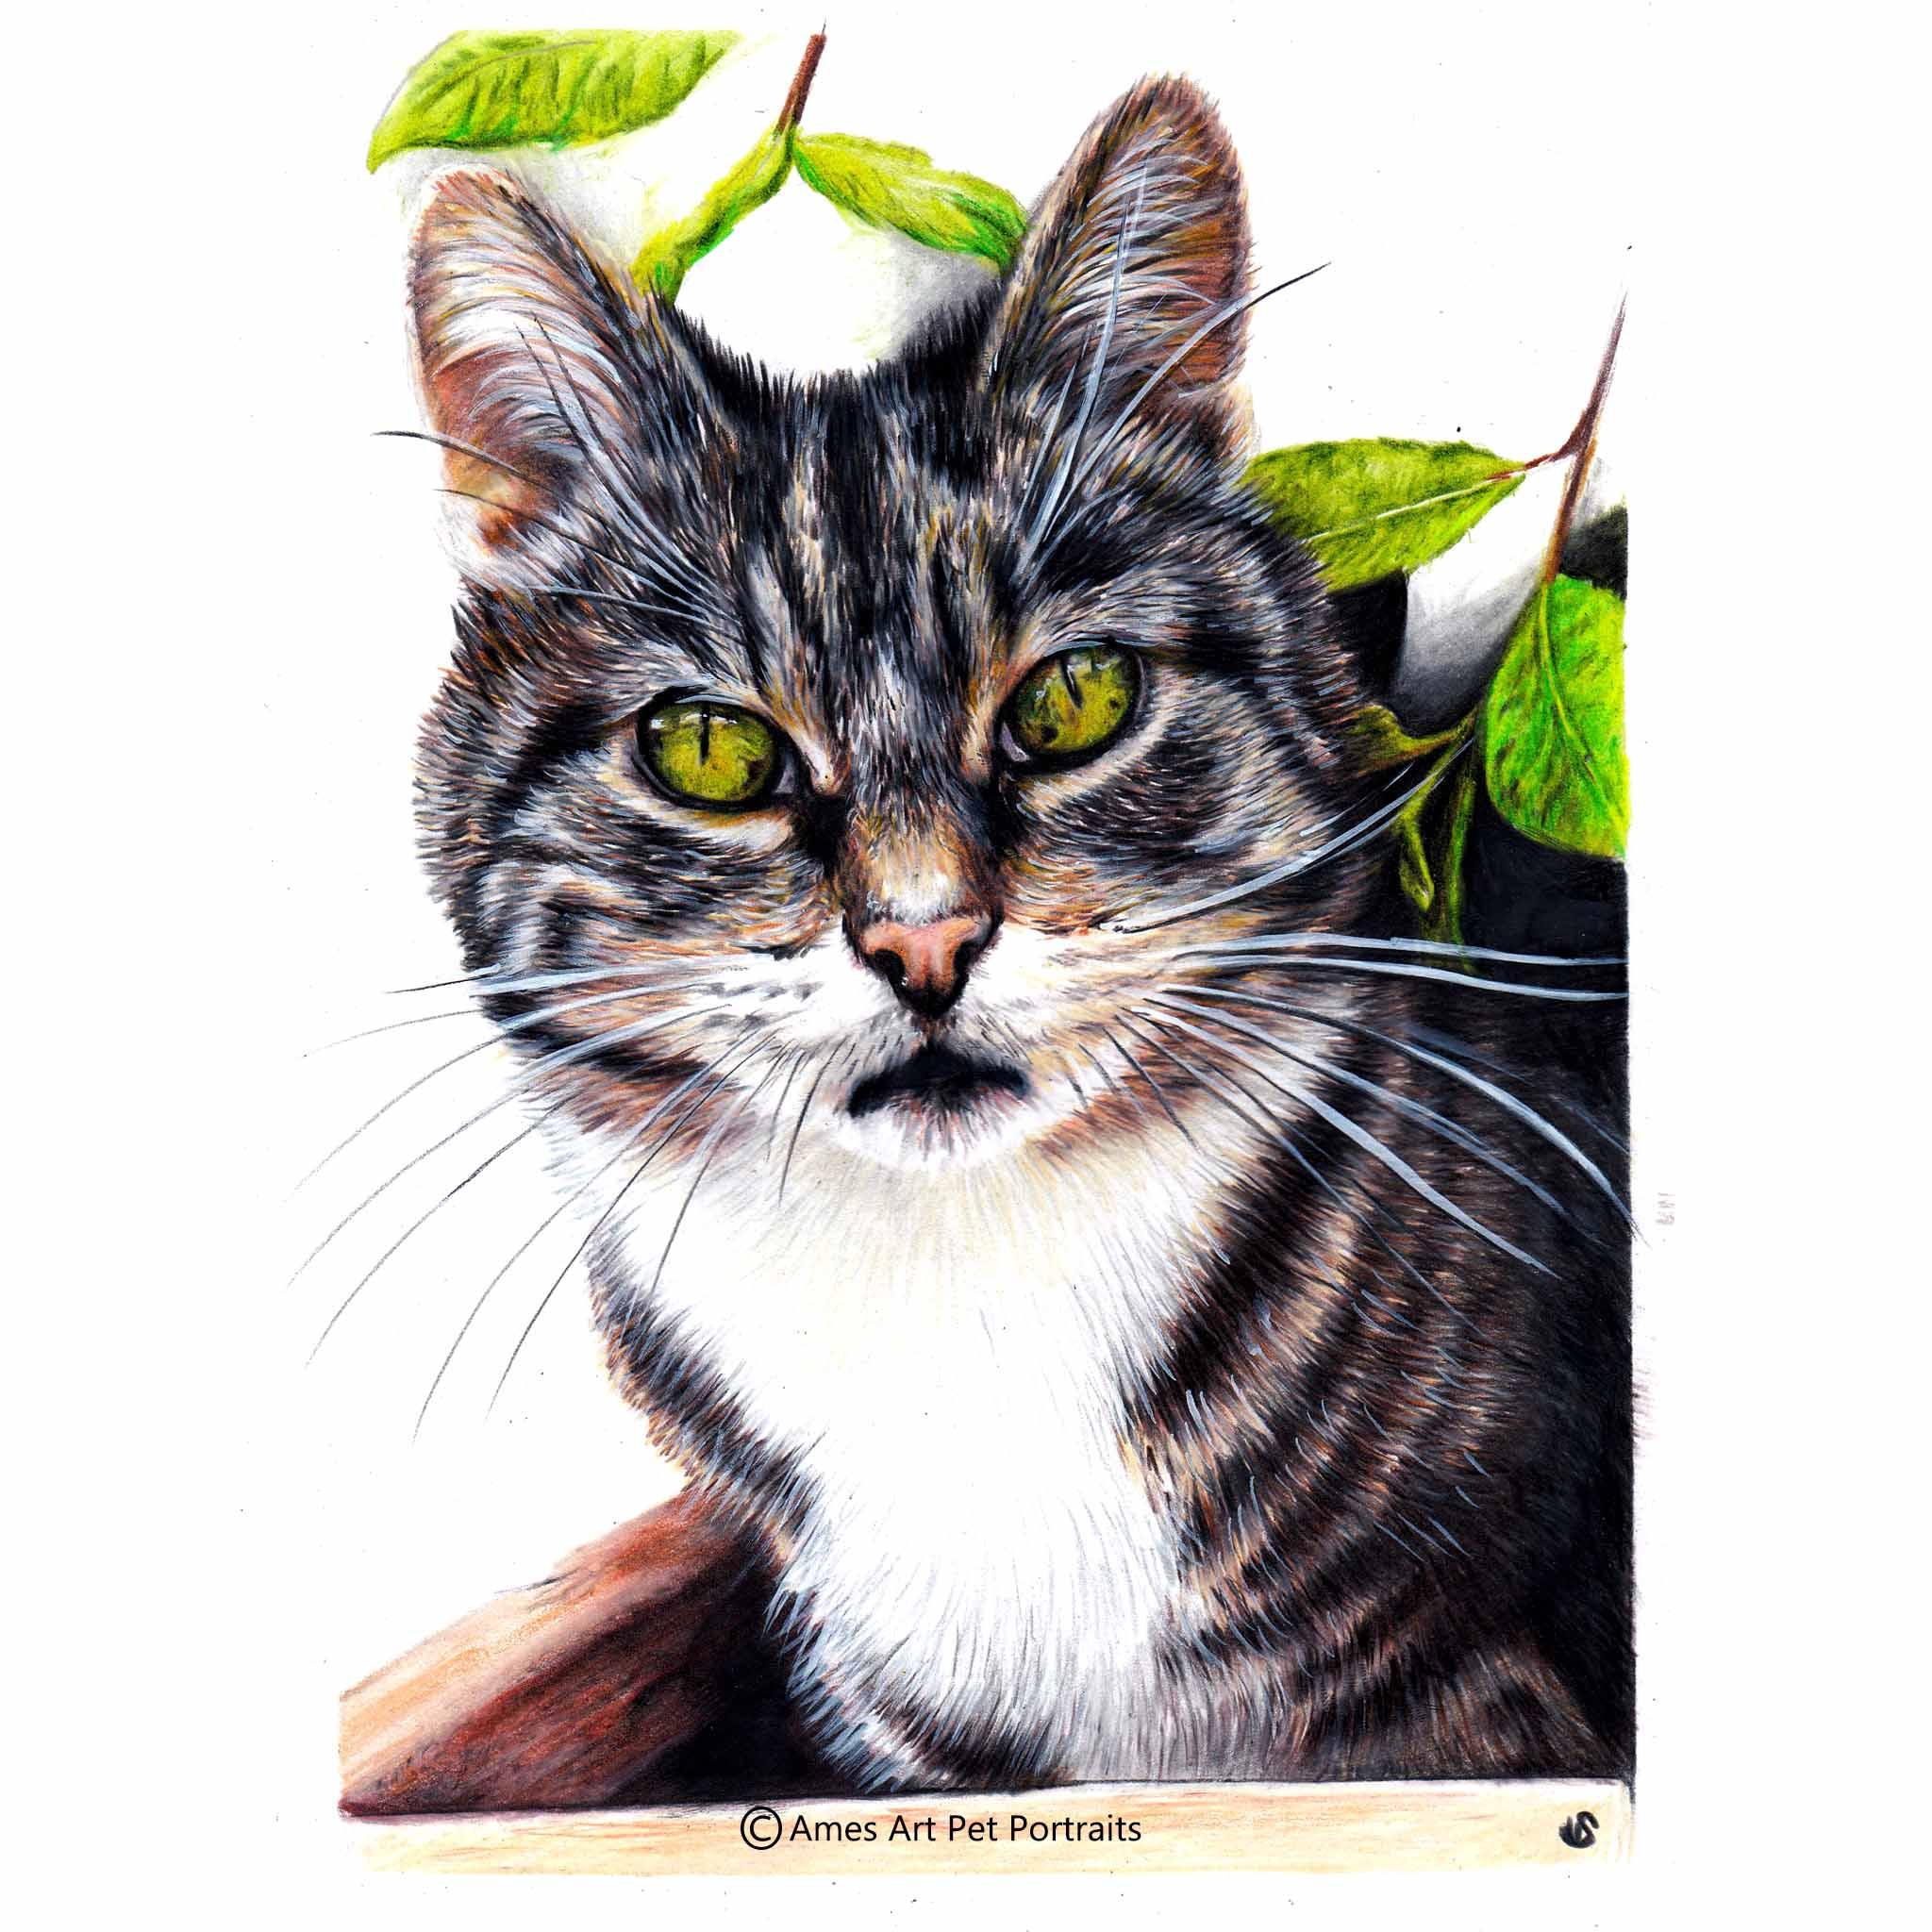 'Jess' - IRE, 8.5x 11.7 inches, 2017, Colour Pencil Cat Portrait by Sema Martin